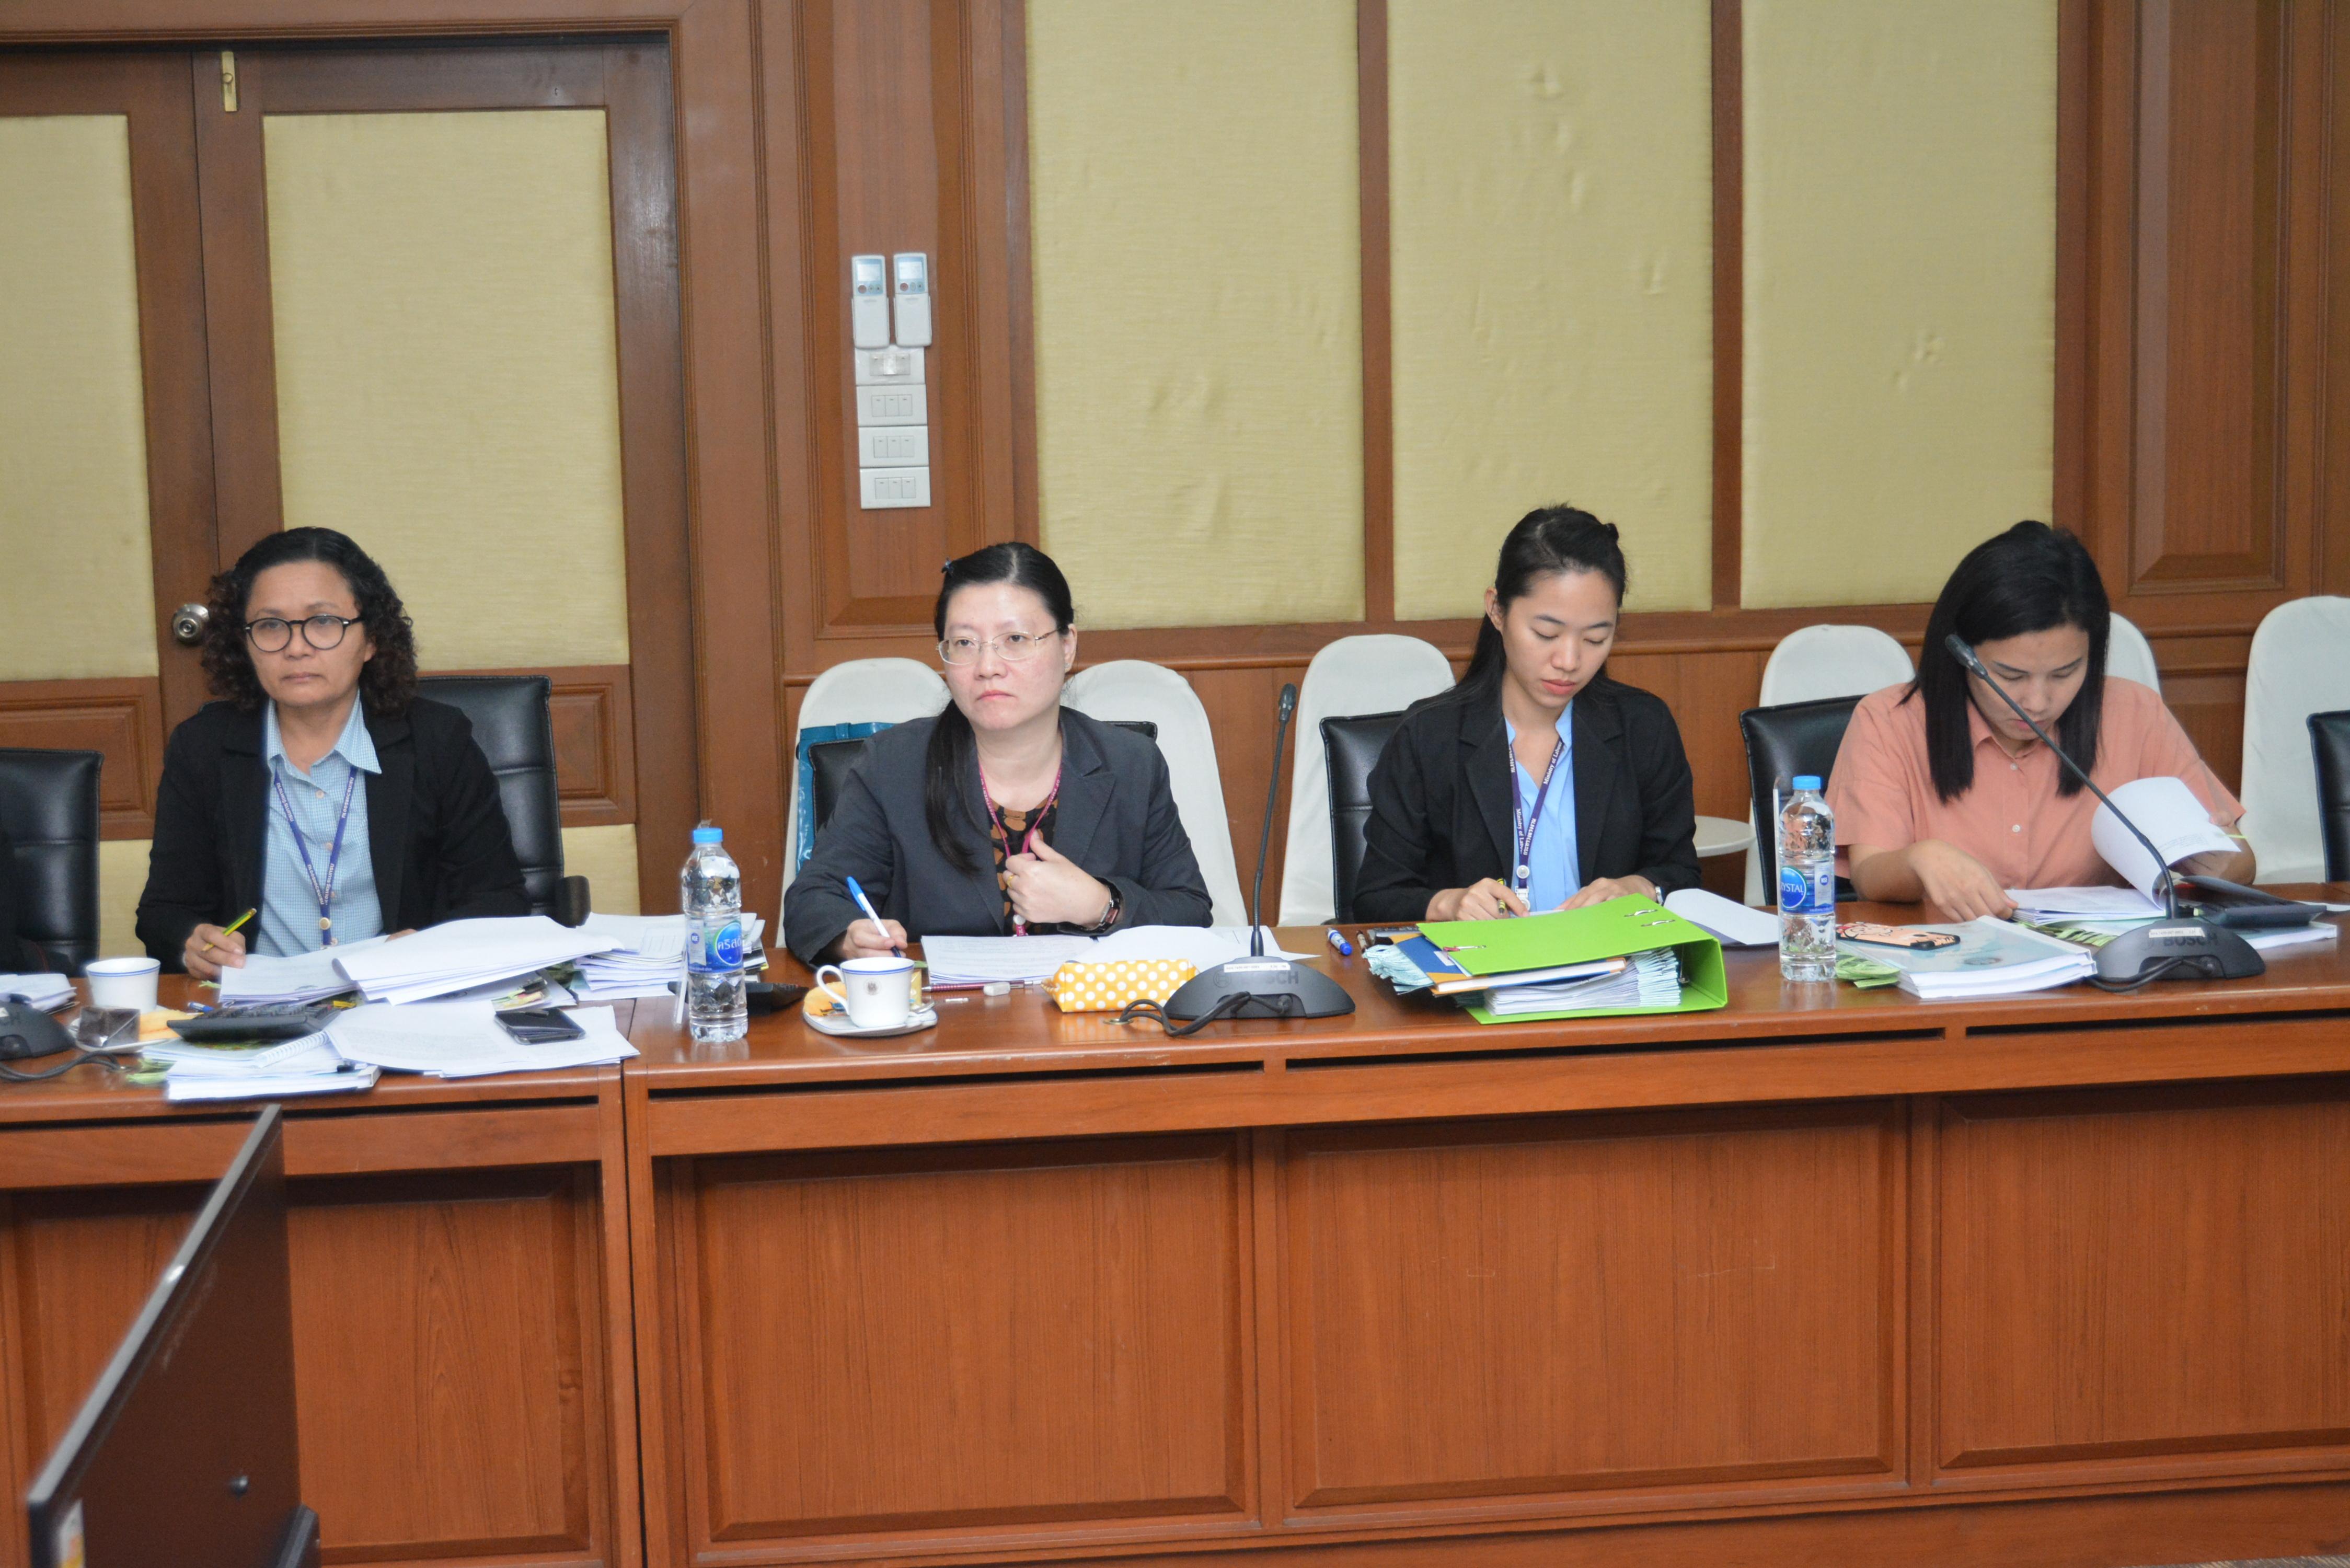 ประชุมคณะกรรมการกองทุนเพื่อช่วยเหลือคนหางานไปทำงานในต่างประเทศ ครั้งที่ 5/2562 ณ ห้องประชุมเทียน อัชกุล ชั้น 10 กรมการจัดหางาน